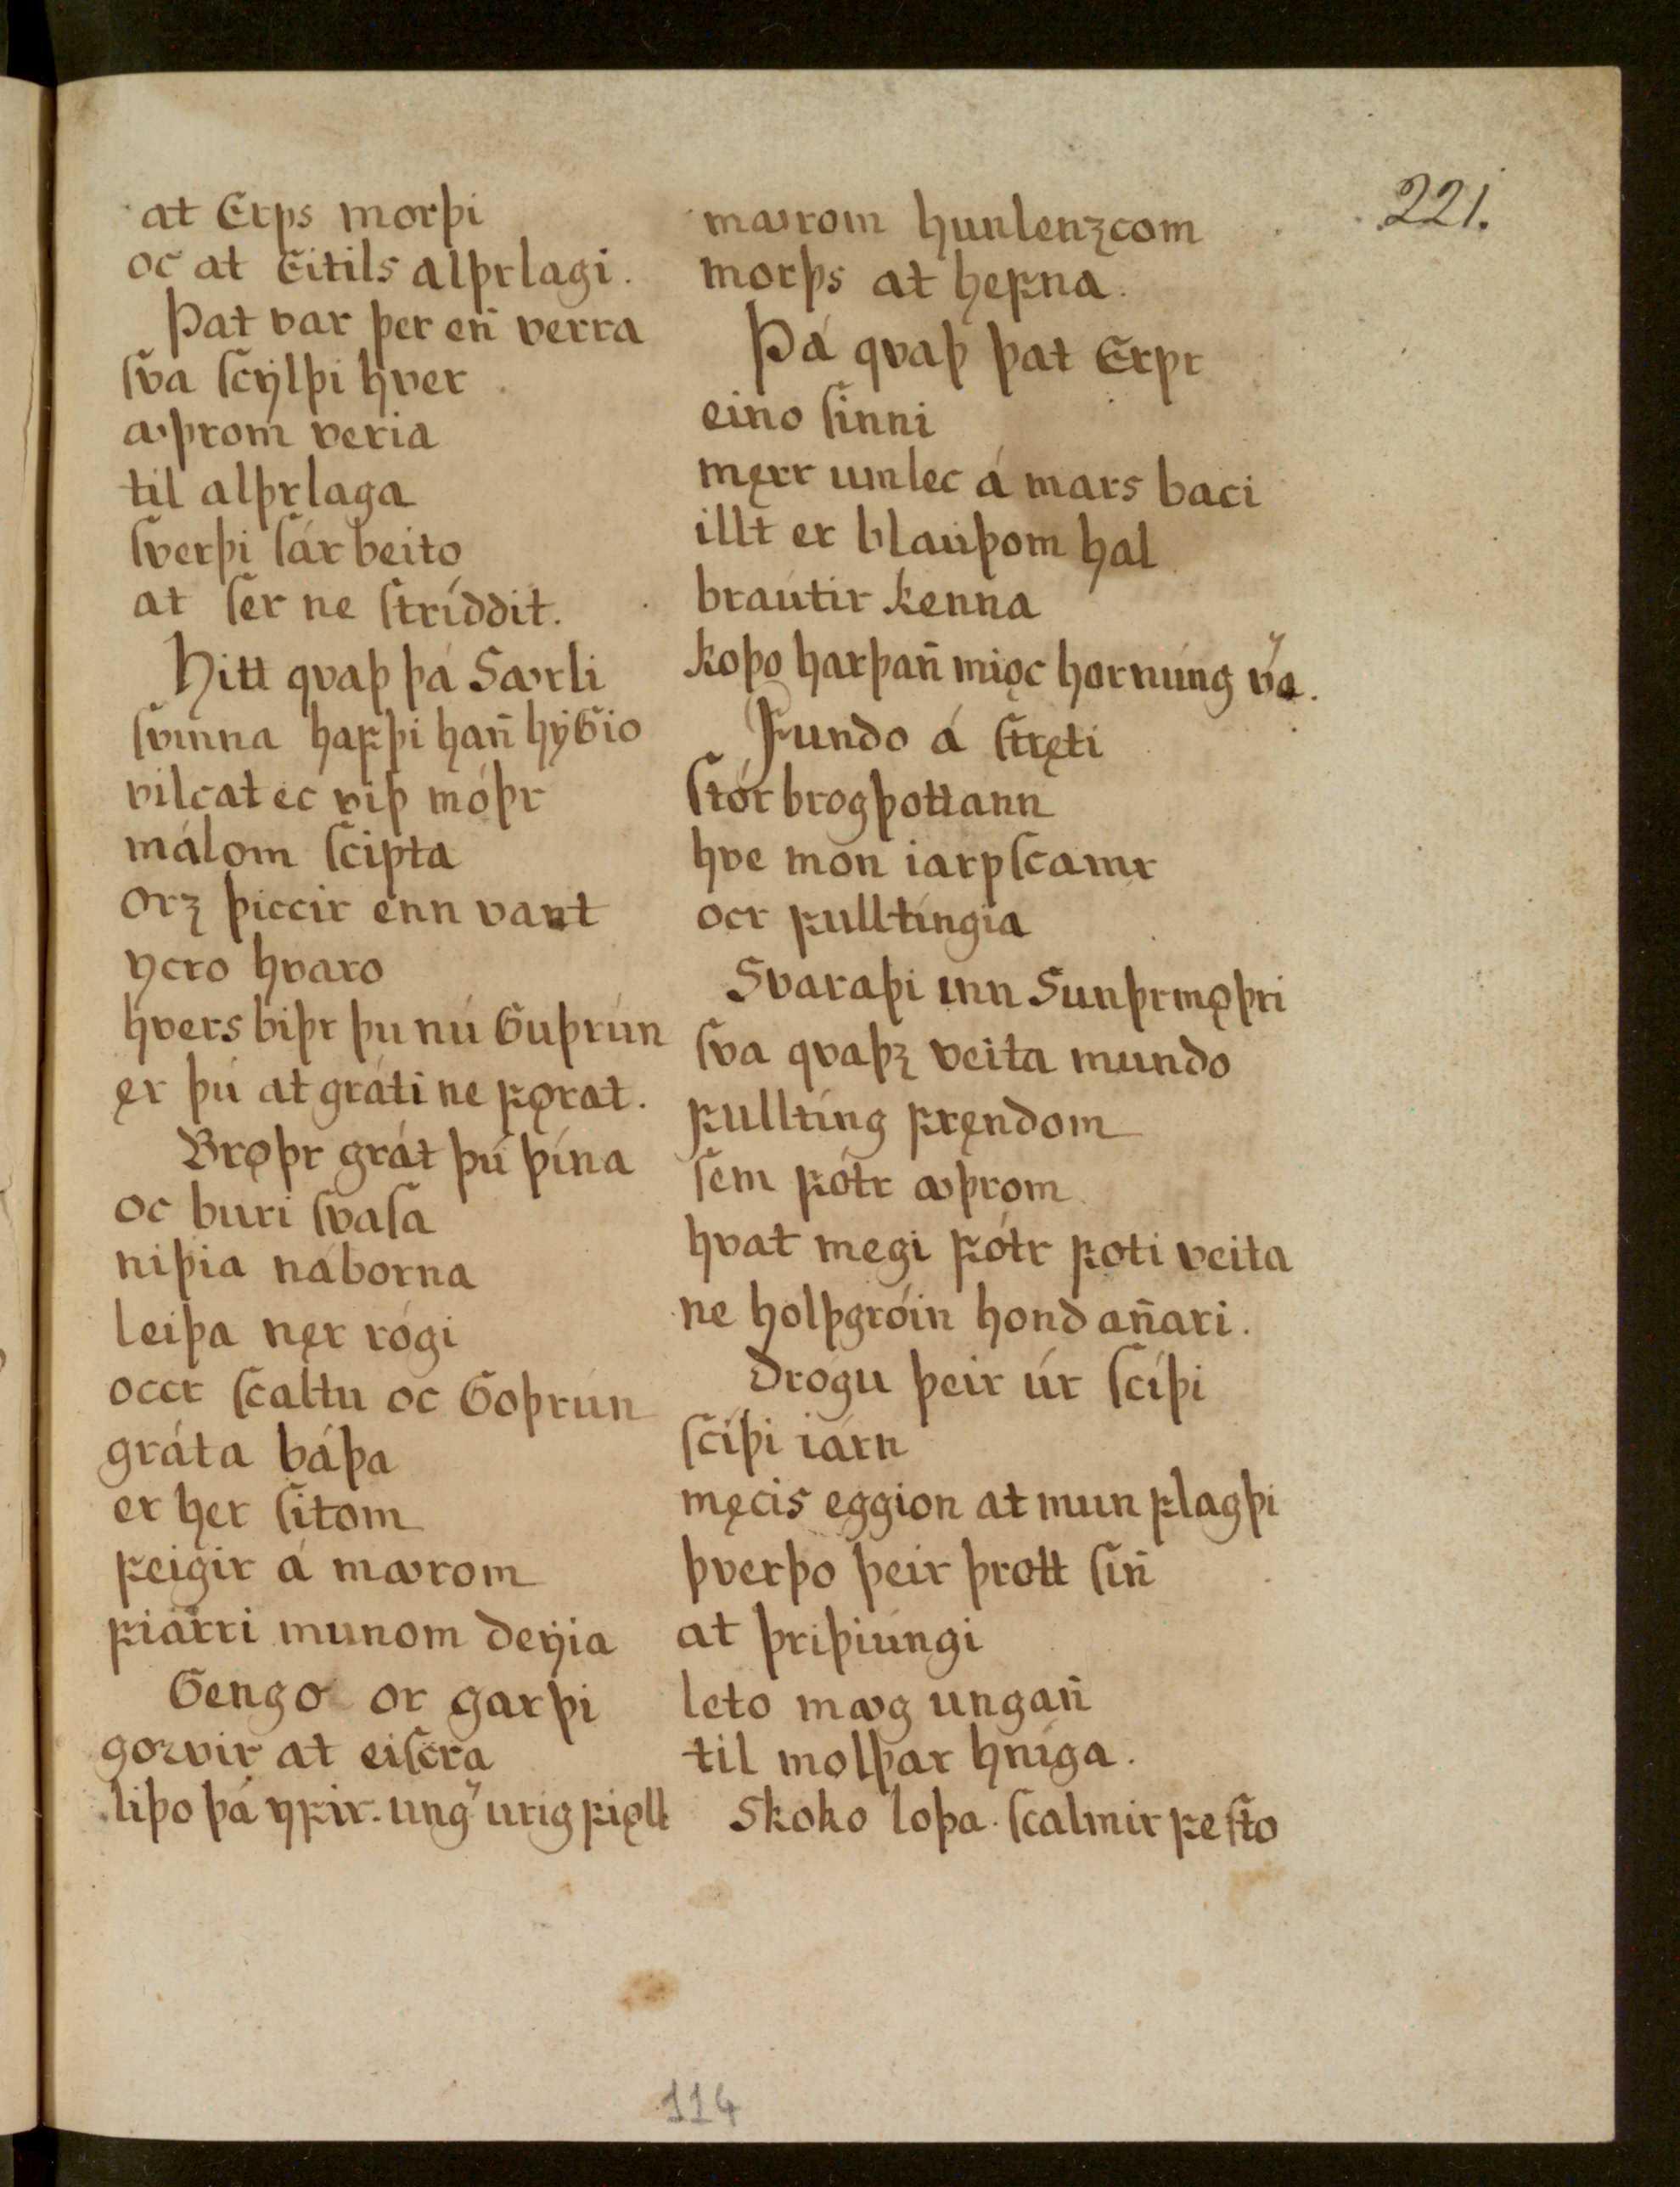 Lbs 1689 4° - 114r